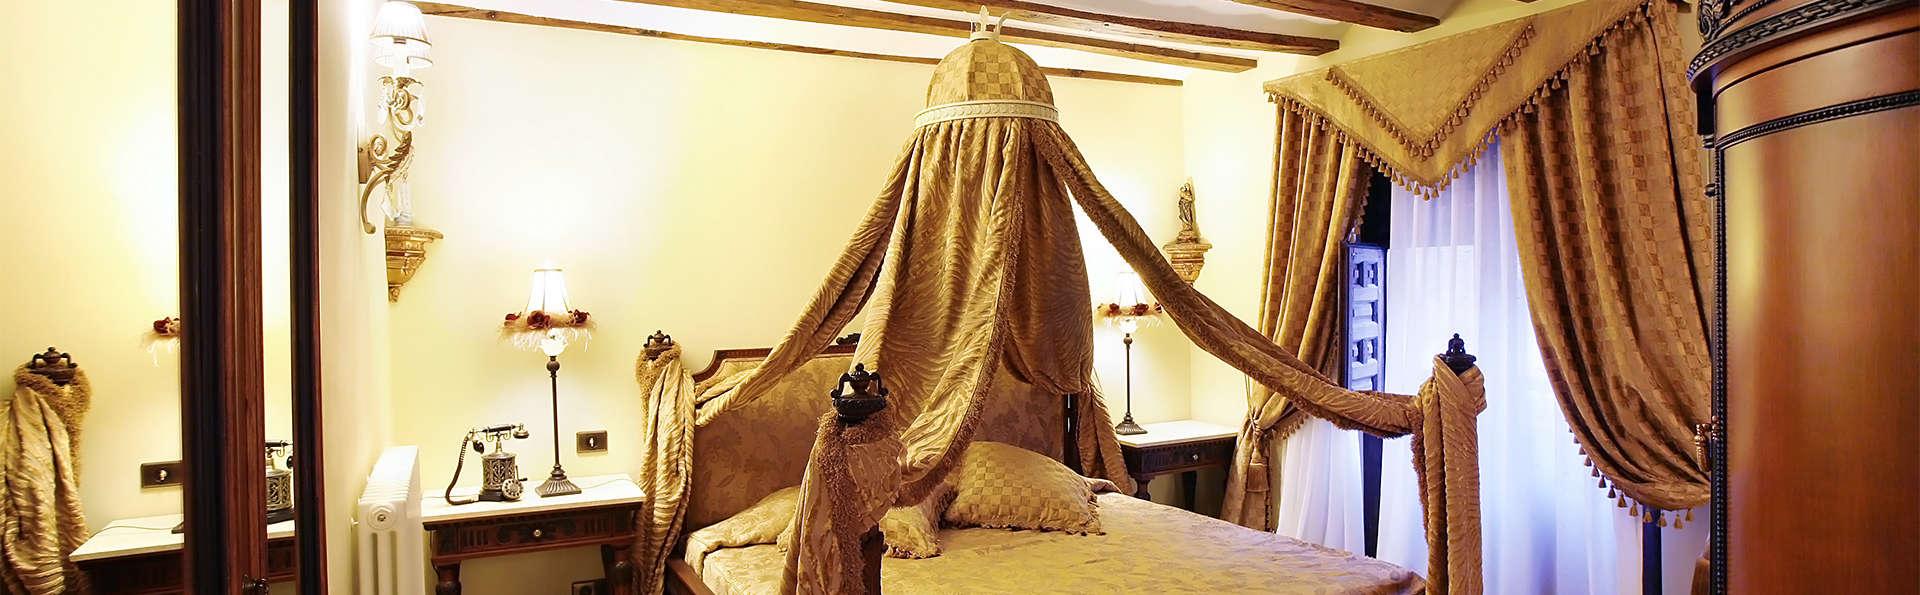 Escapada en habitación con Jacuzzi entre viñedos y Monasterios